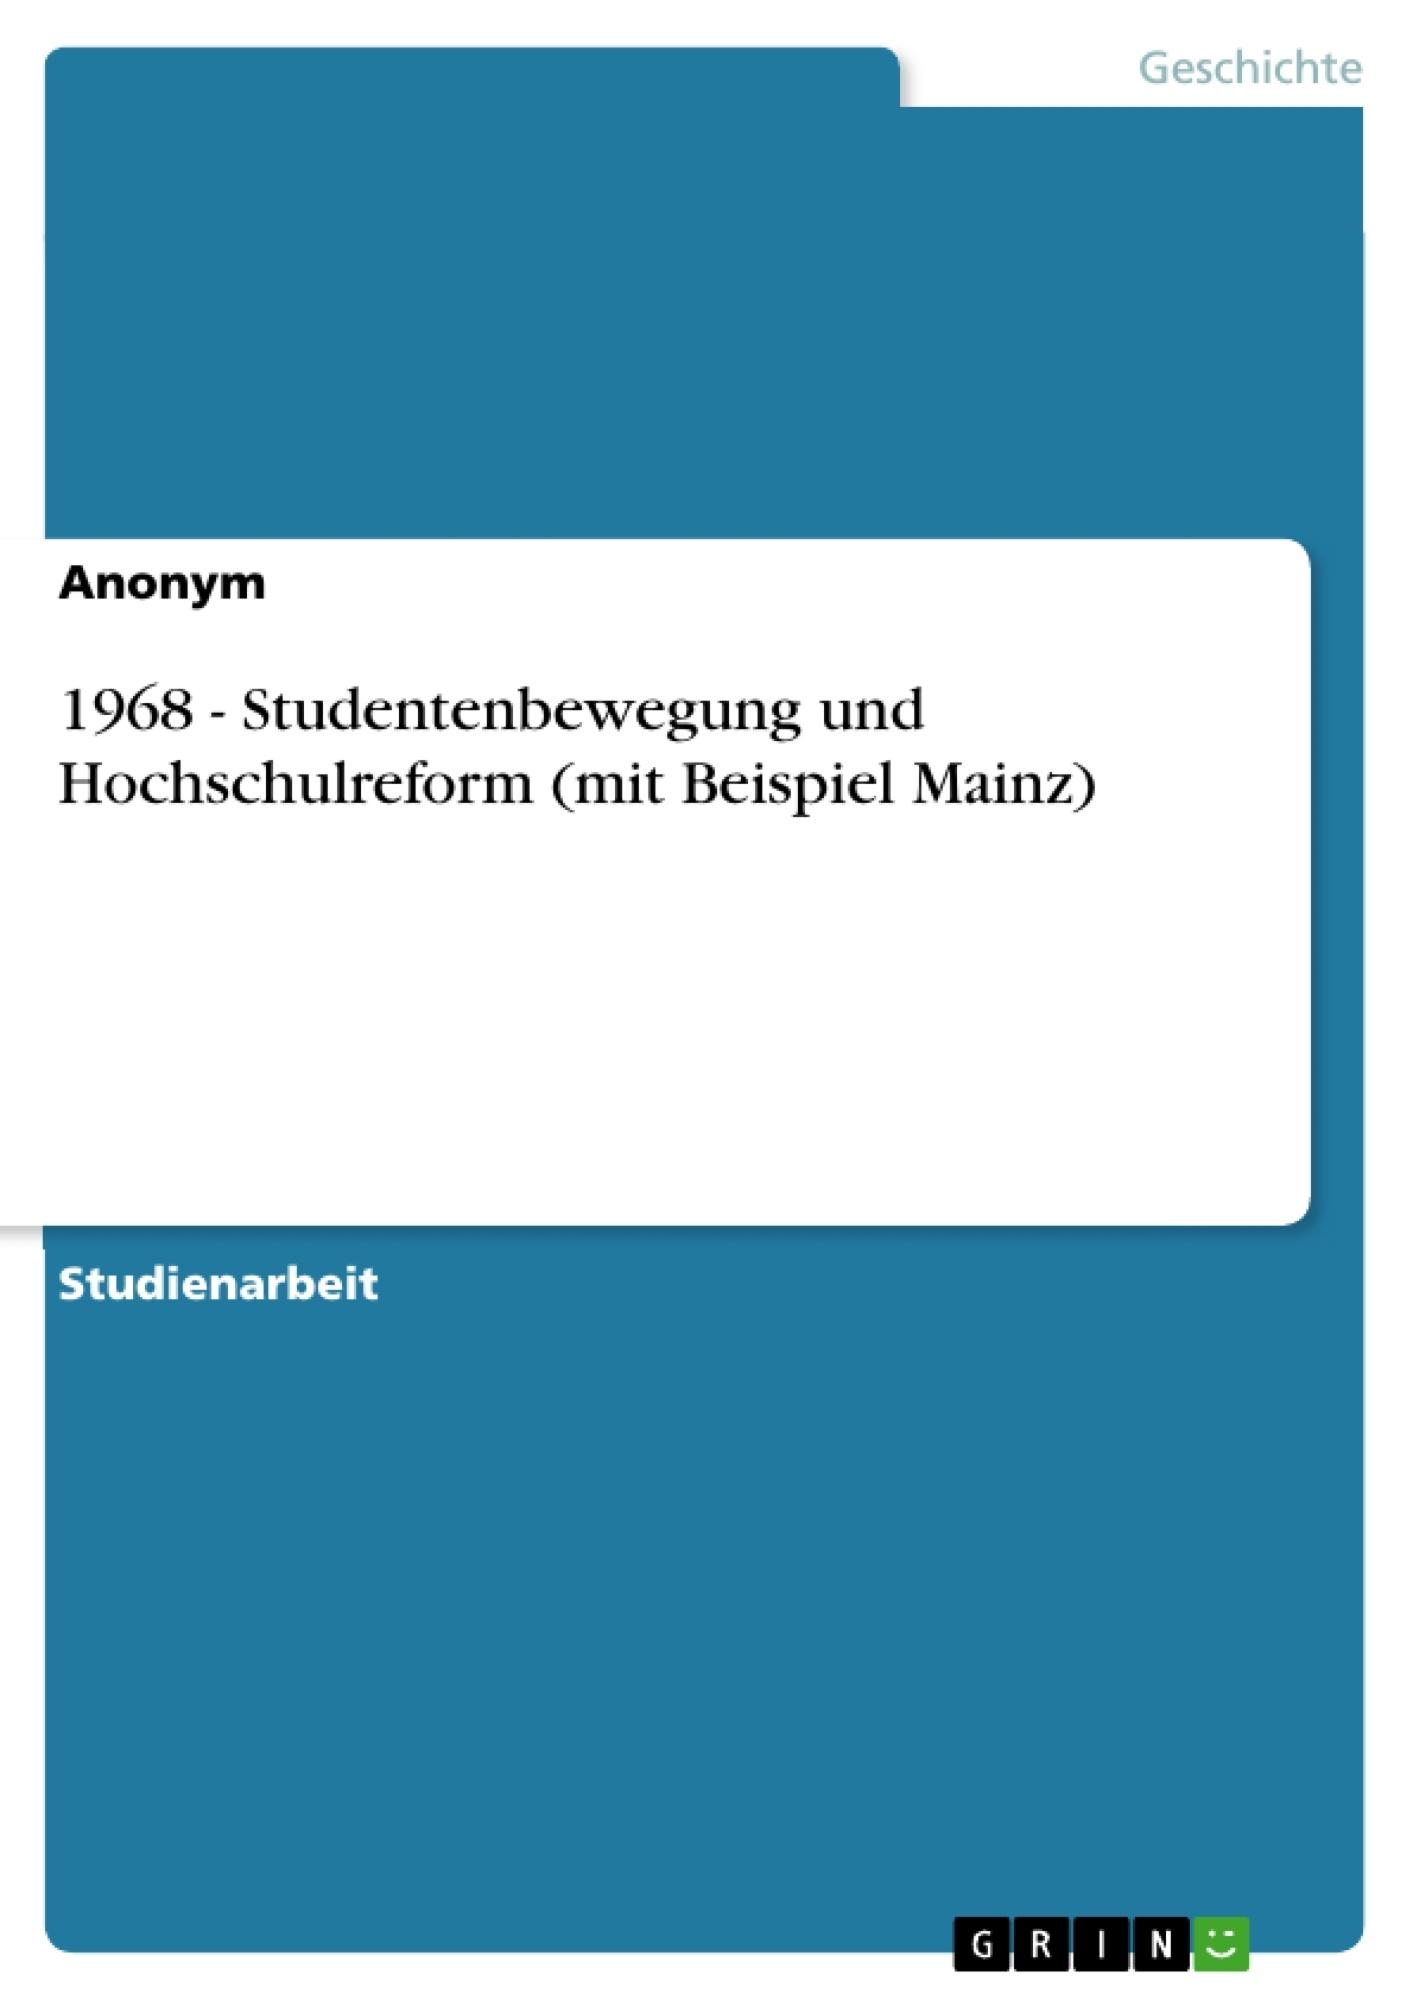 Titel: 1968 - Studentenbewegung und Hochschulreform (mit Beispiel Mainz)